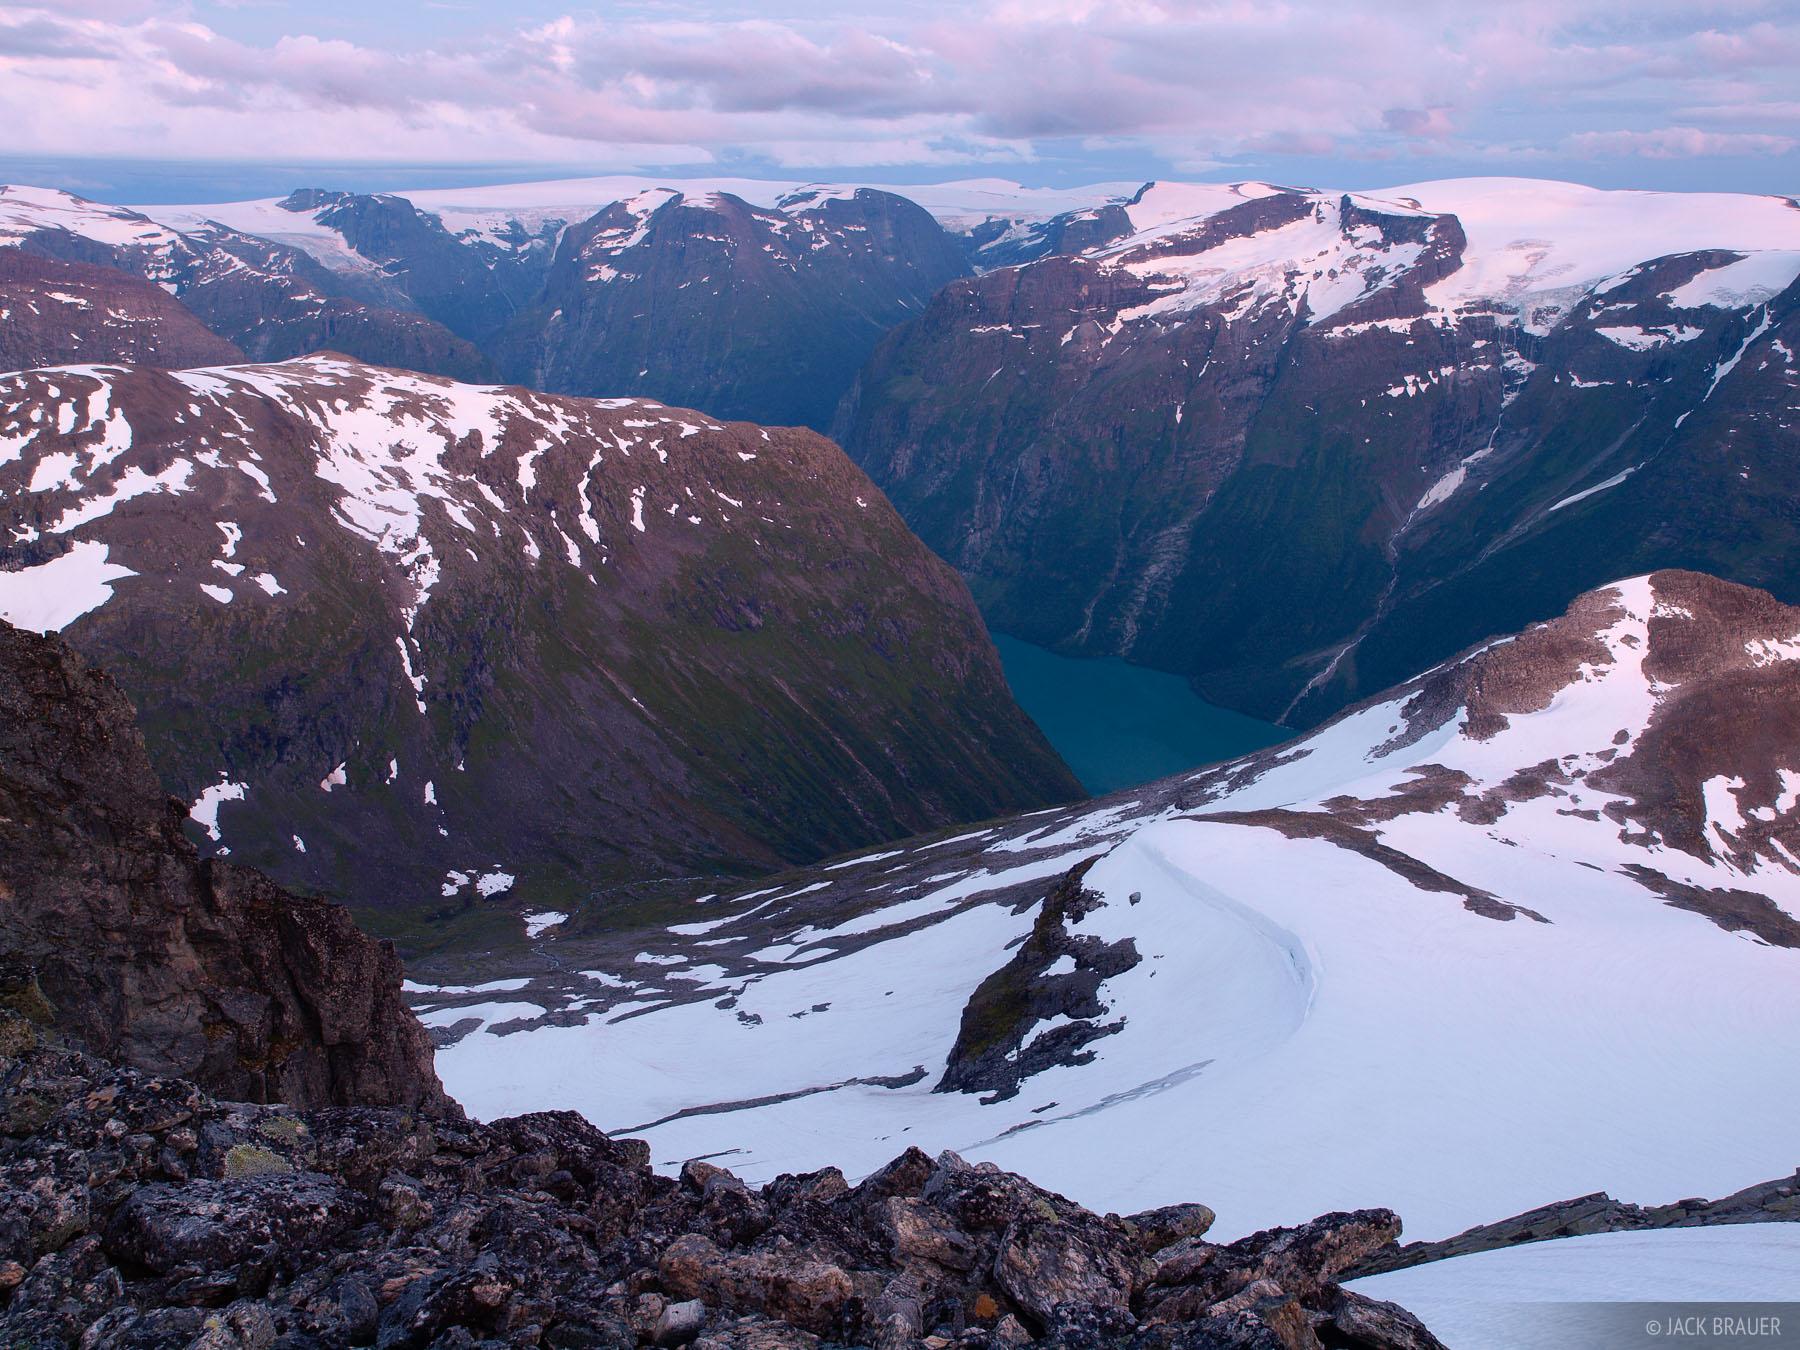 Jostedalsbreen, Kjenndalen, Skåla, Norway, photo